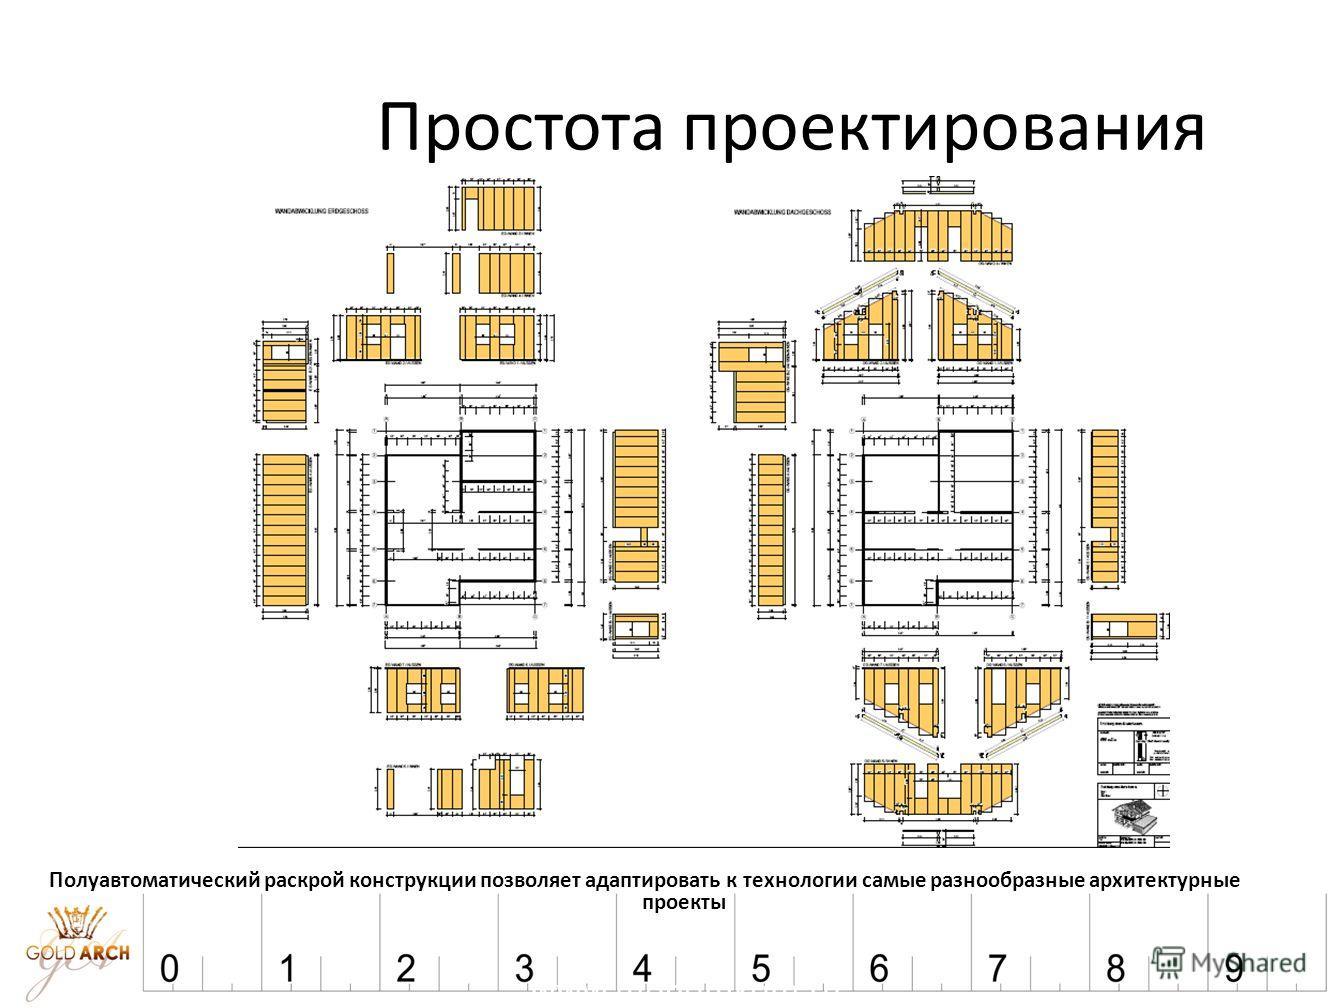 www.modomkom.ru Простота проектирования Полуавтоматический раскрой конструкции позволяет адаптировать к технологии самые разнообразные архитектурные проекты